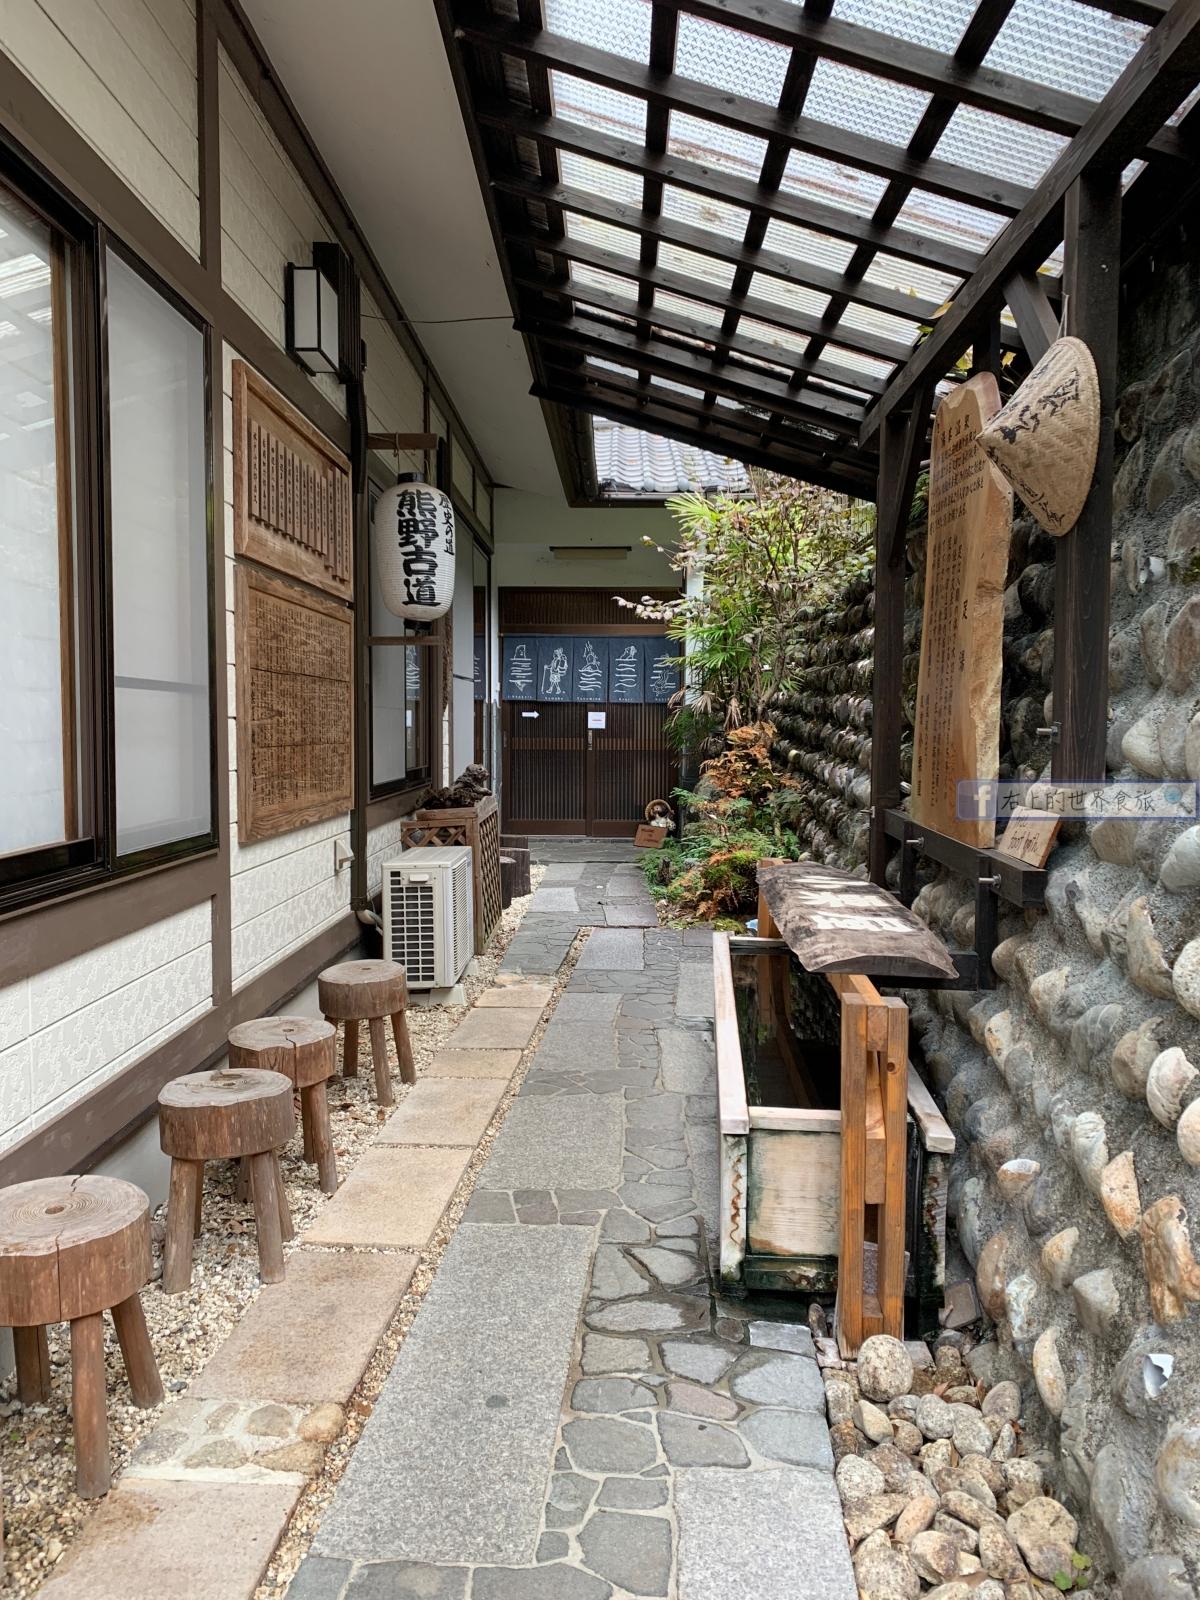 和歌山旅遊-日本最古老的湯之峰溫泉、可泡溫泉的青旅:J-Hoppers Kumano Yunomine Guesthouse @右上的世界食旅